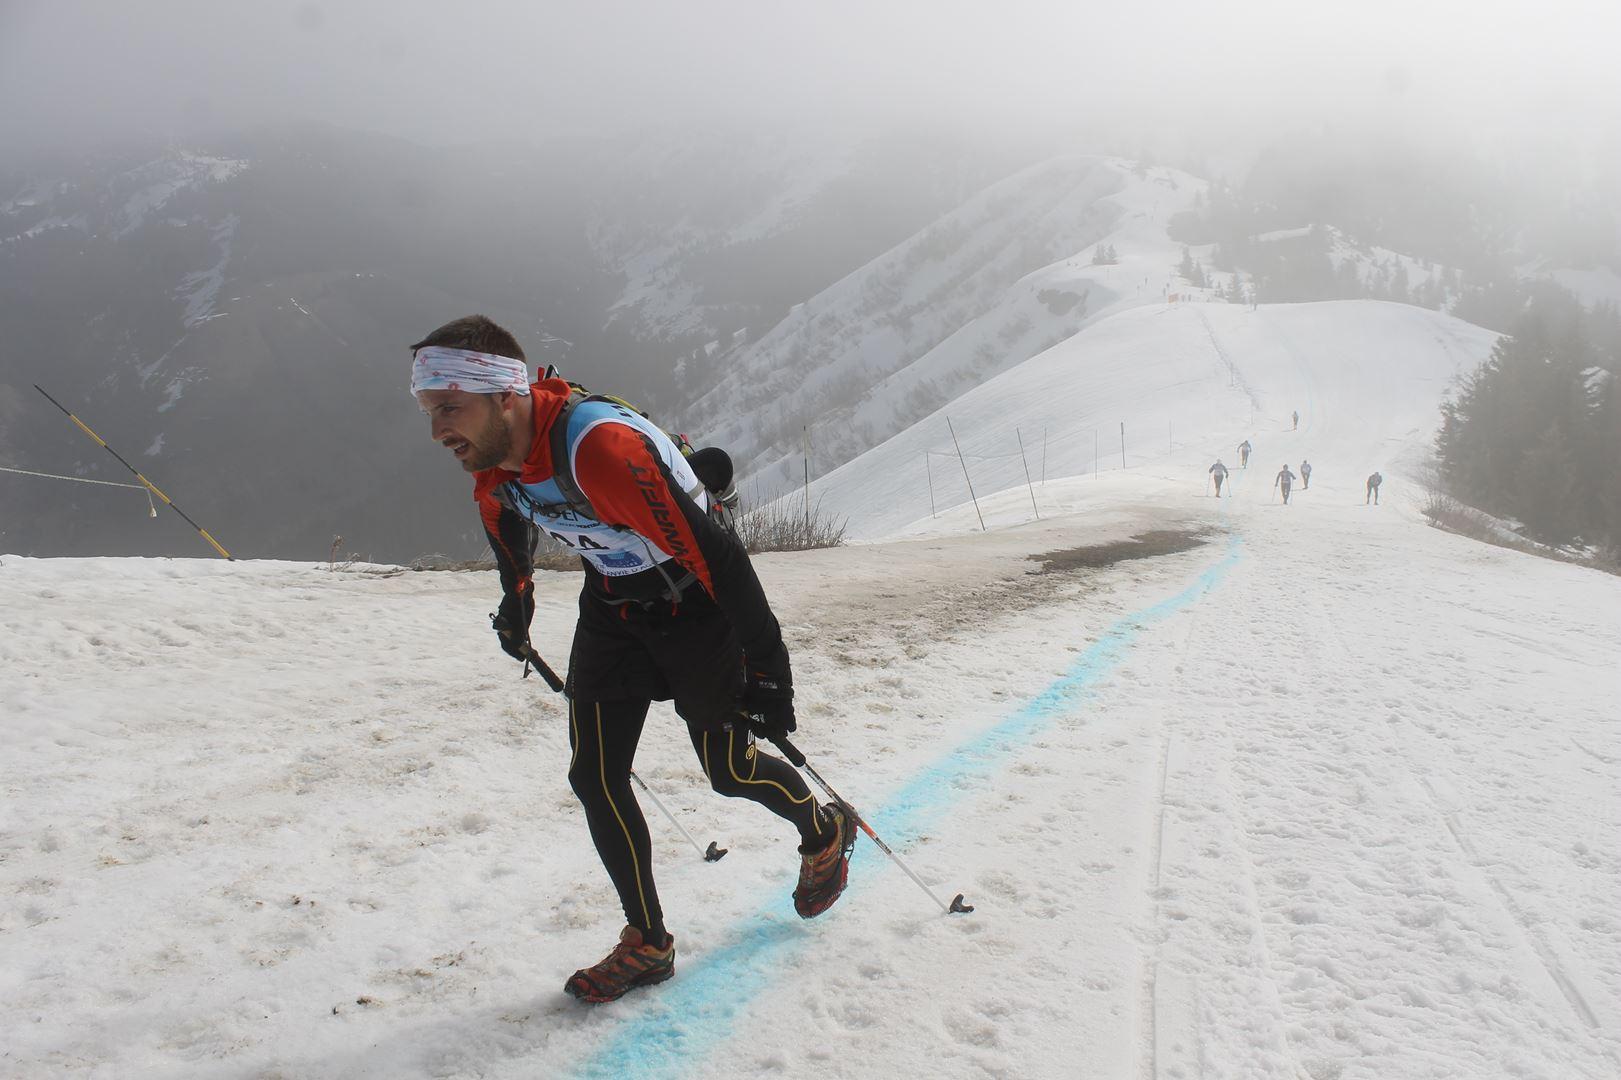 Sommet de la Torraz le brouillard monte - RESULTATS ET REPORTAGE SUR LA 8EME EDITION DE l'ARAVIS SNOW TRAIL  (LA GIETTAZ 73)